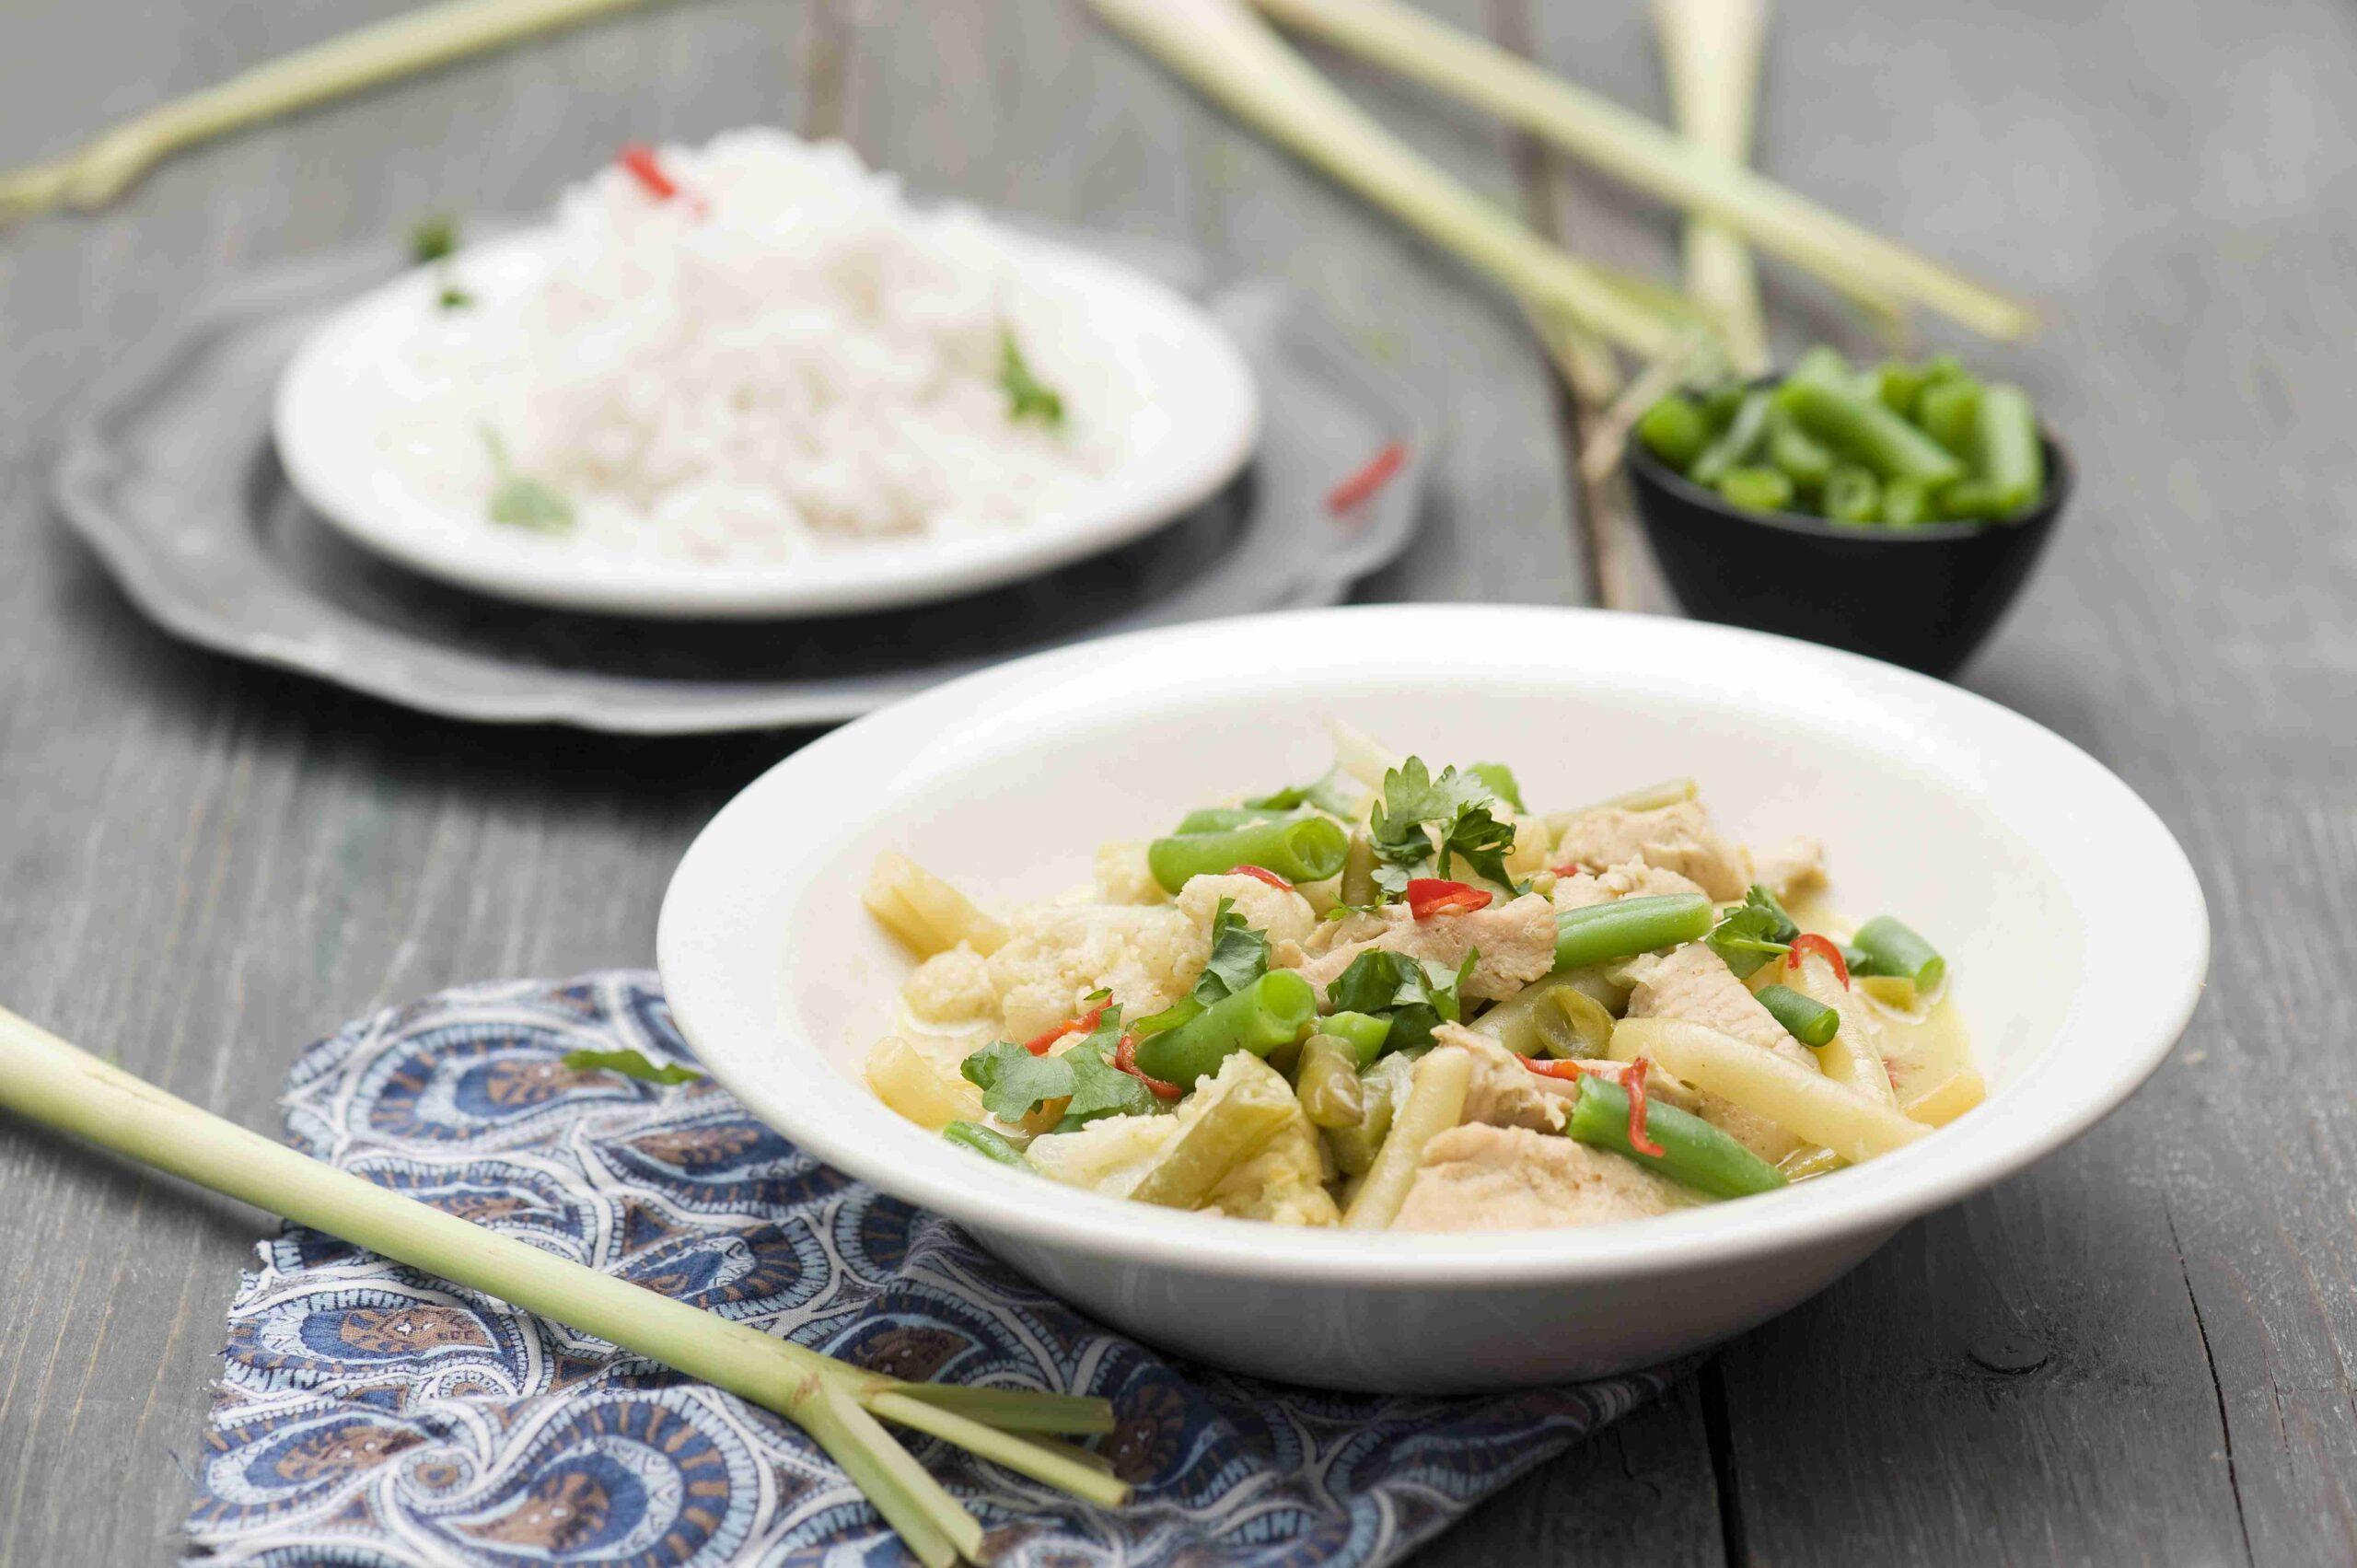 Zielone lekkie curry zfasolką, kalafiorem ikurczakiem oraz ryżem basmati